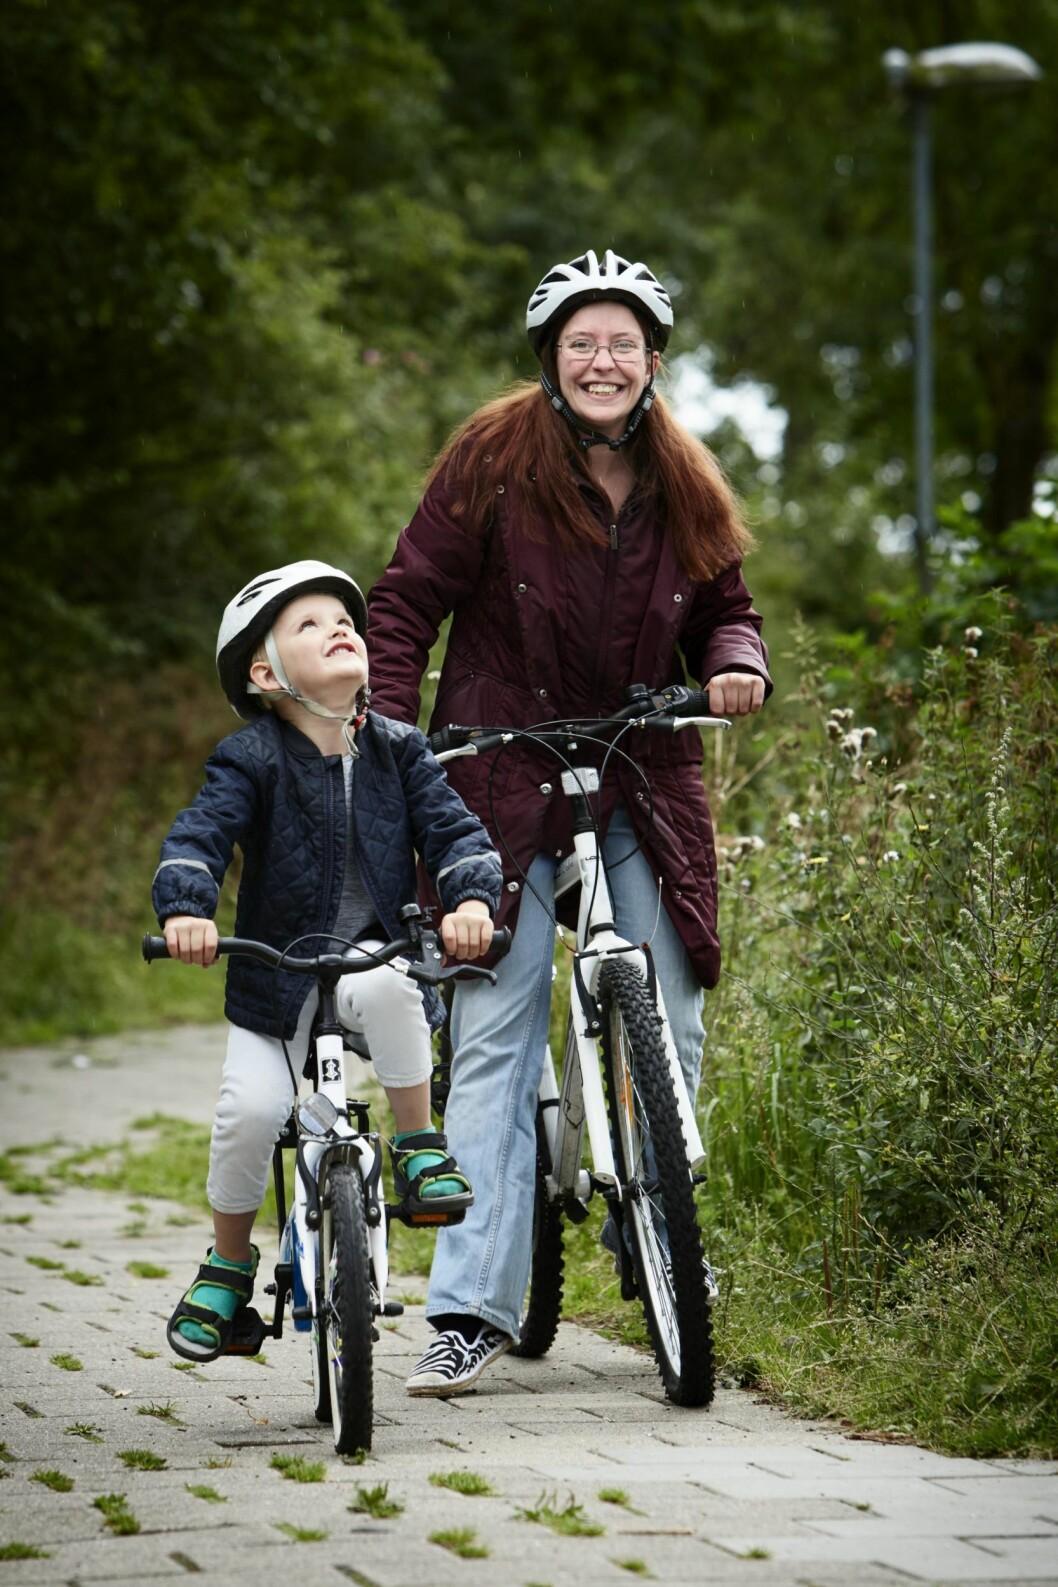 UT PÅ TUR: Mosjon er med på å holde sklerosen i sjakk, og sykling er blitt en fin felles aktivitet for Cassandra og Steven. Foto: Steen Wreem